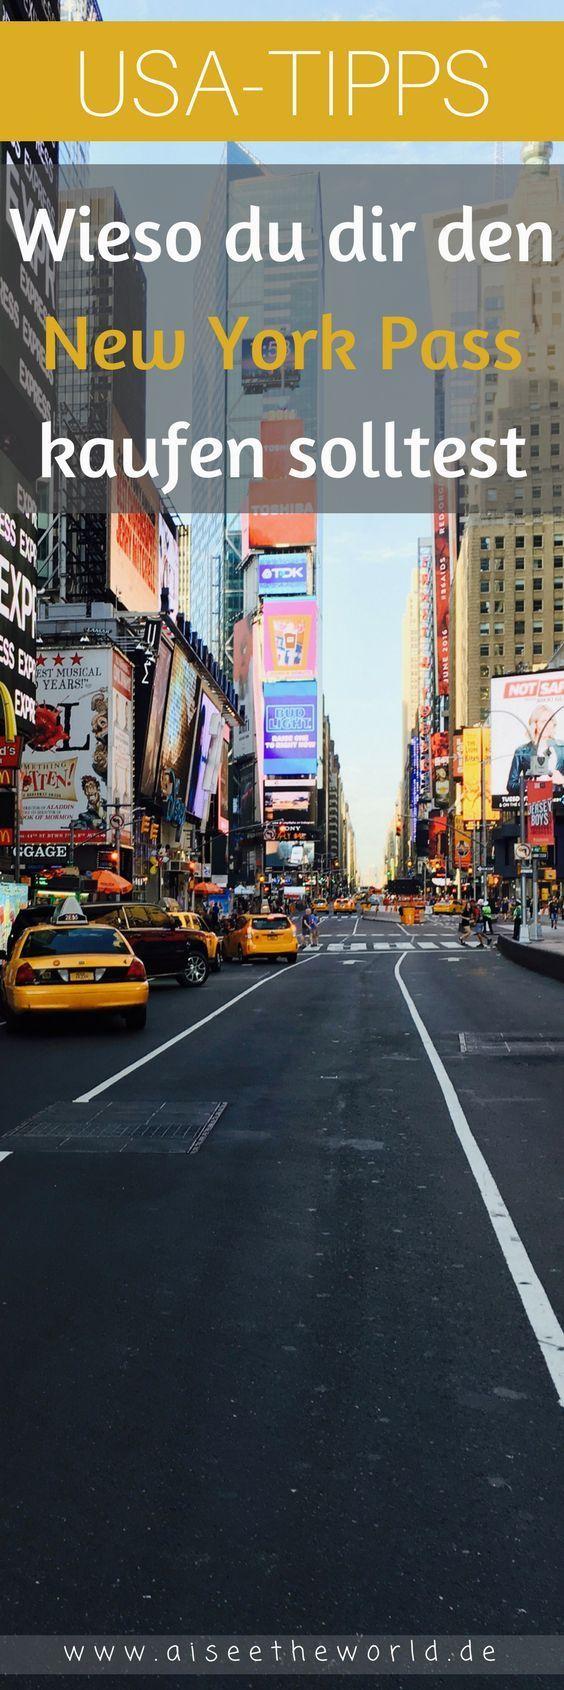 Ich zeige dir, wieso du dir den New York Pass kaufen solltest. Du hast deinen Flug nach New York schon gebucht? Du brauchst noch Reisetipps und Inspiration für deine Reise nach New York? Ich zeige dir, welche Attraktionen in New York du mit dem New York Pass kostenlos besichtigen kannst, wie teuer der New York Pass ist, wo du dir den New York Pass kaufen kannst und wo du ihn im Big Apple abholen kannst. Mehr Reisetipps für deine nächste Reise in die USA findest du auf meinem Reiseblog